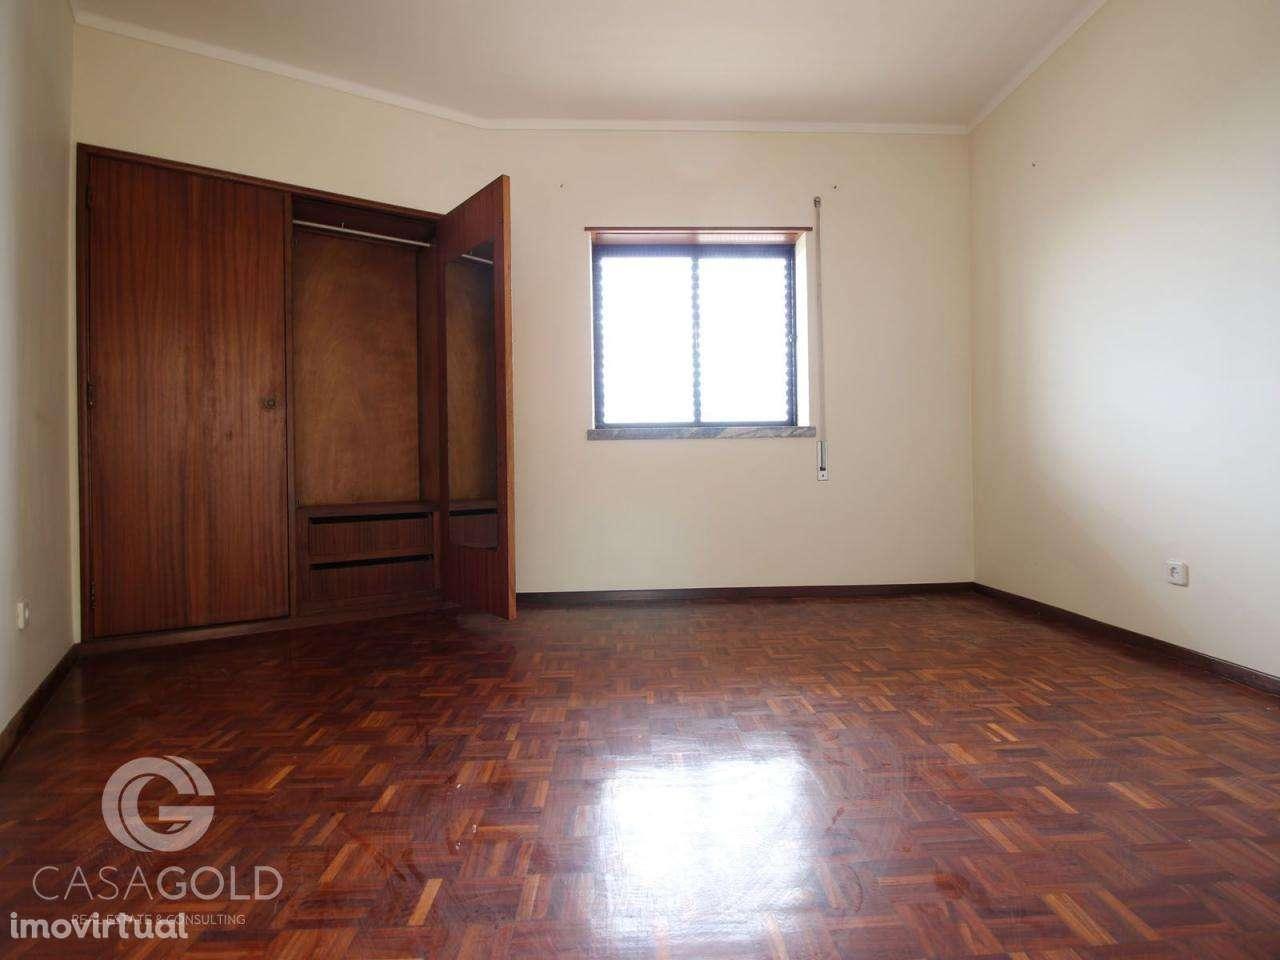 Apartamento para comprar, Caldas da Rainha - Nossa Senhora do Pópulo, Coto e São Gregório, Leiria - Foto 10